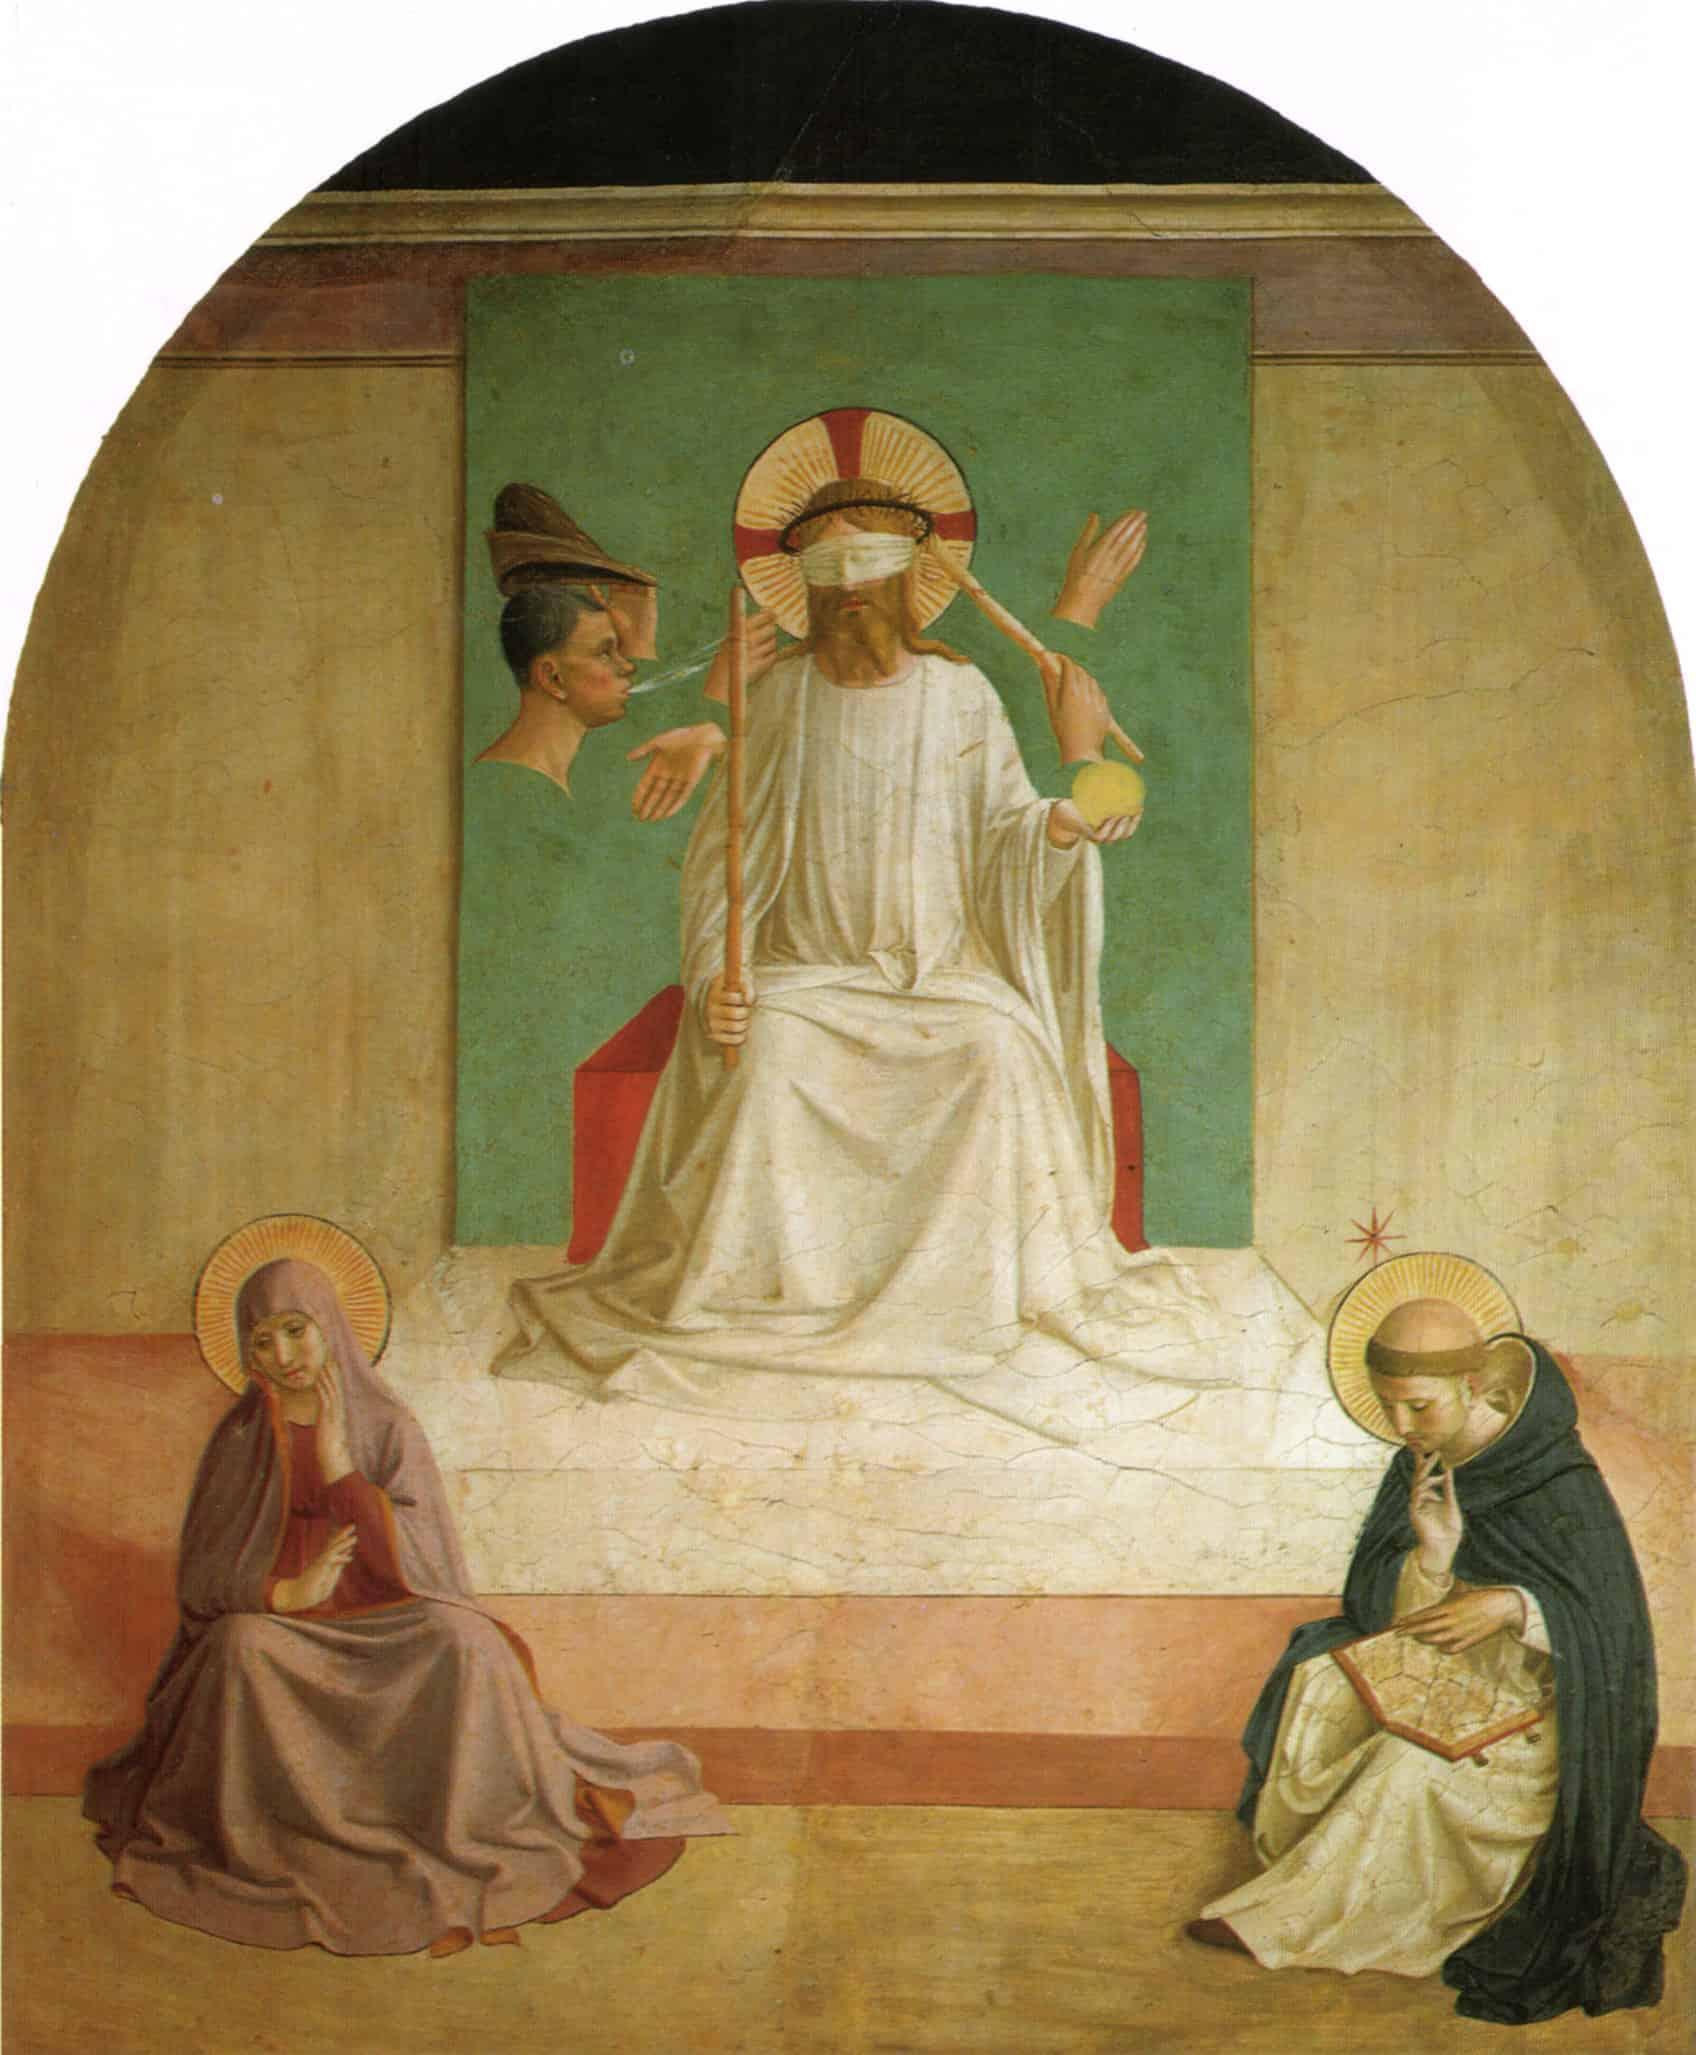 beato-angelico-cristo-deriso-museo-di-san-marco-firenze